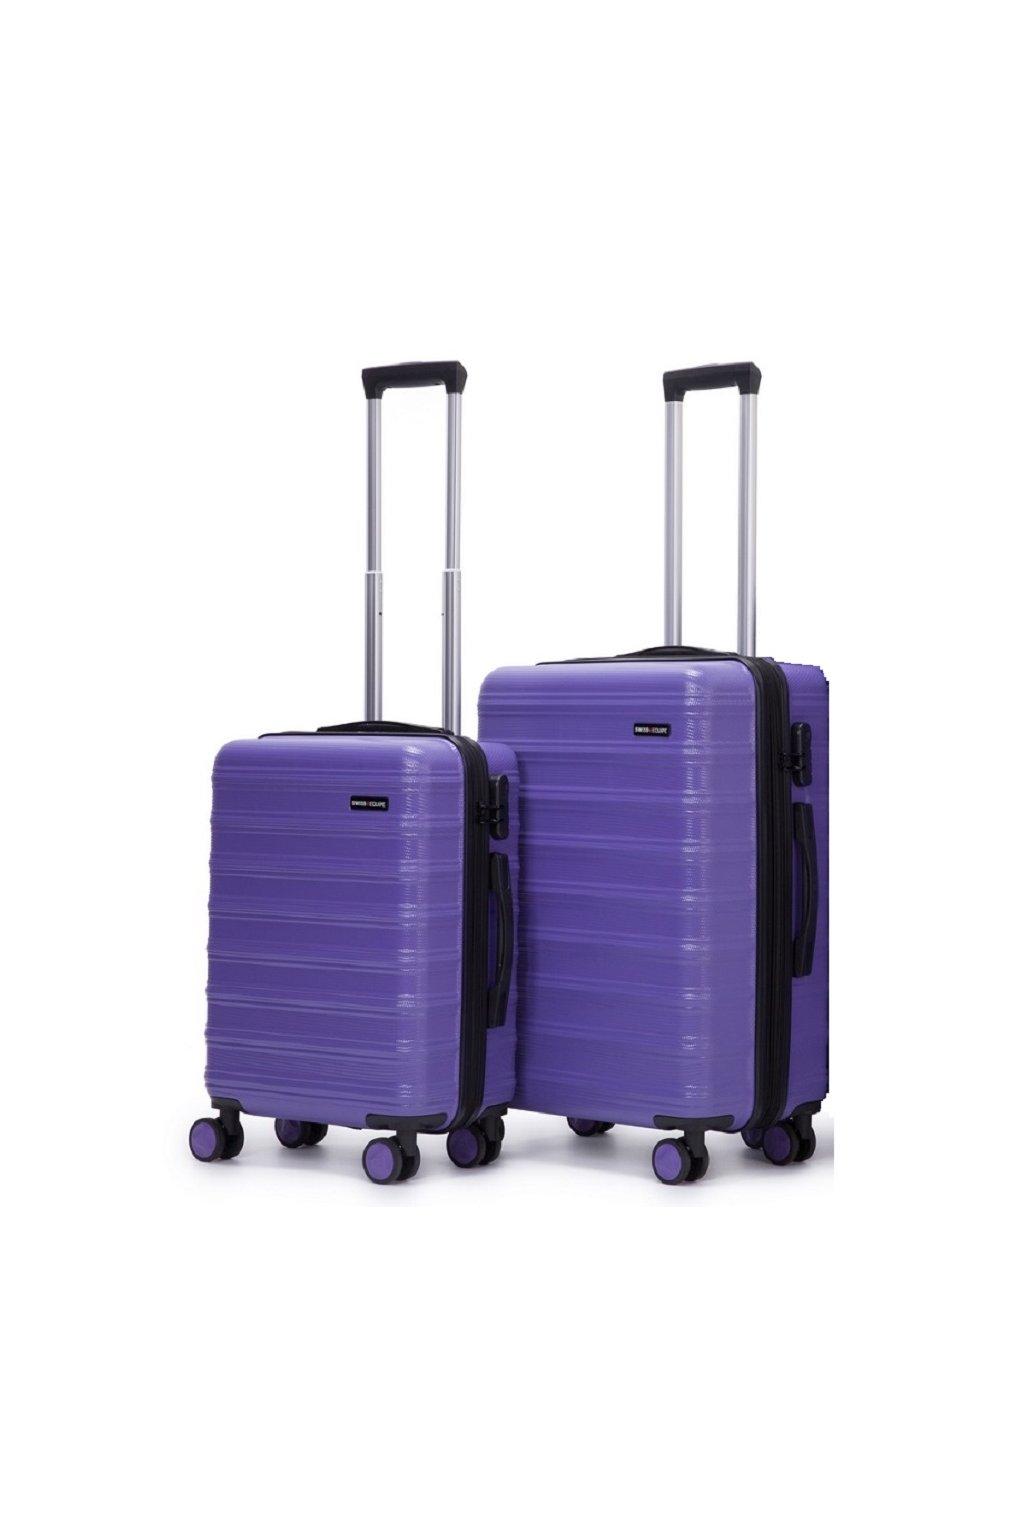 kufrland swiss equipe purple (9)